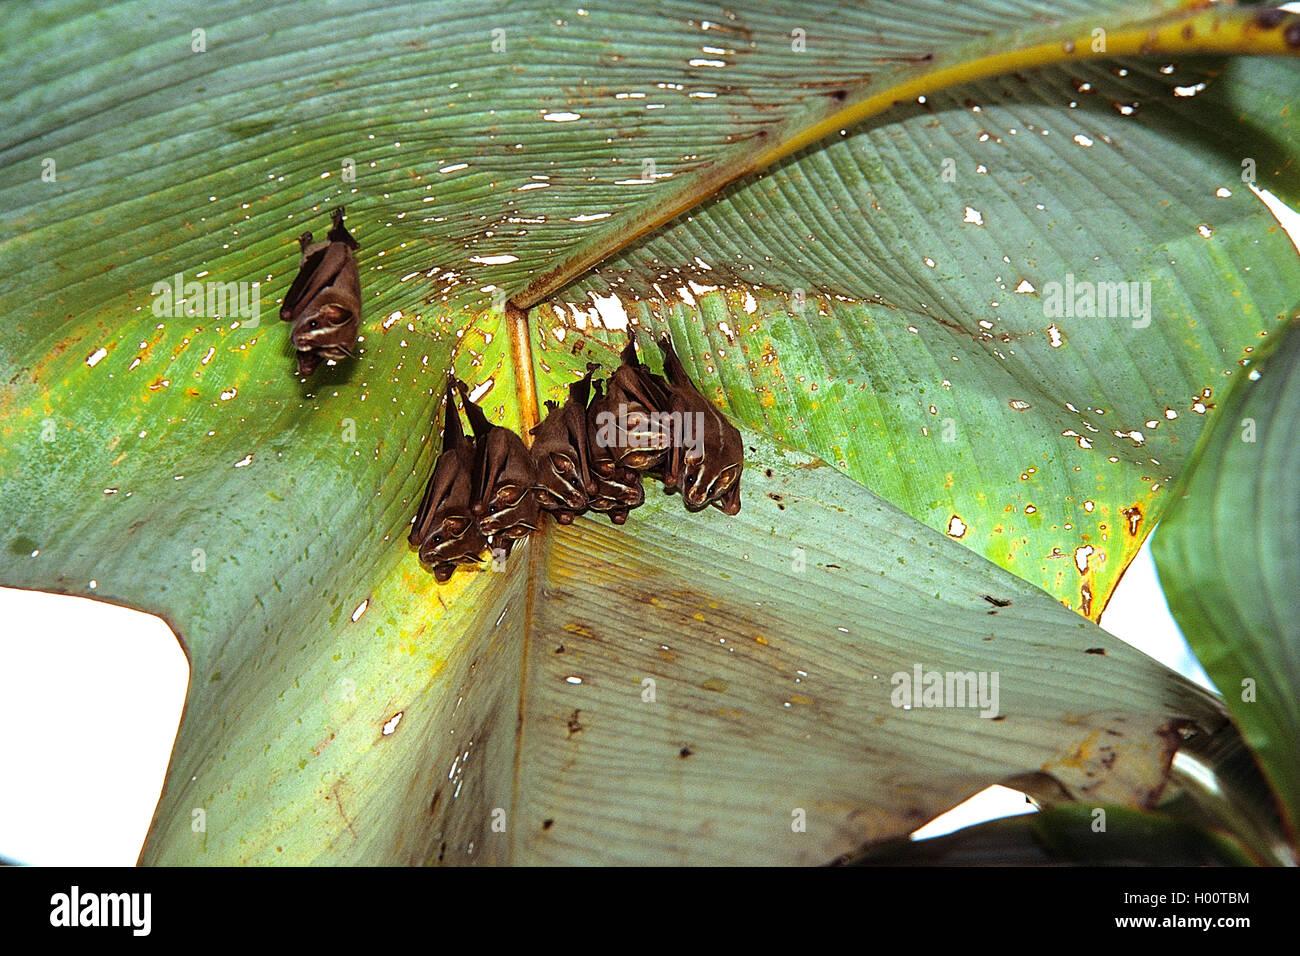 Gelbohrfledermaus, Gelbohr-Fledermaus (Uroderma bilobatum), Gruppe haengt unter einem Bananenblatt, Costa Rica   - Stock Image